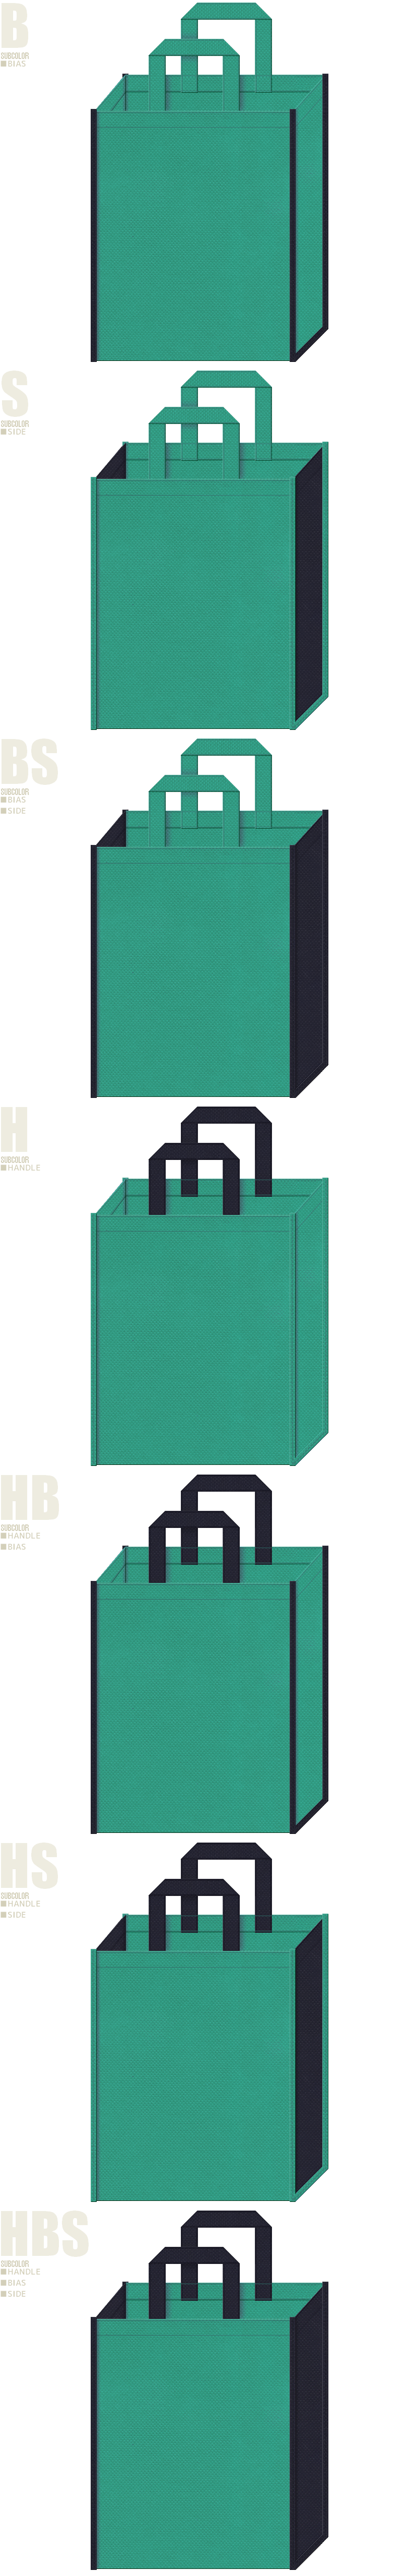 青緑色と濃紺色、7パターンの不織布トートバッグ配色デザイン例。マリンファッション・クルージング・ボートハウス・マリン用品の展示会用バッグにお奨めです。